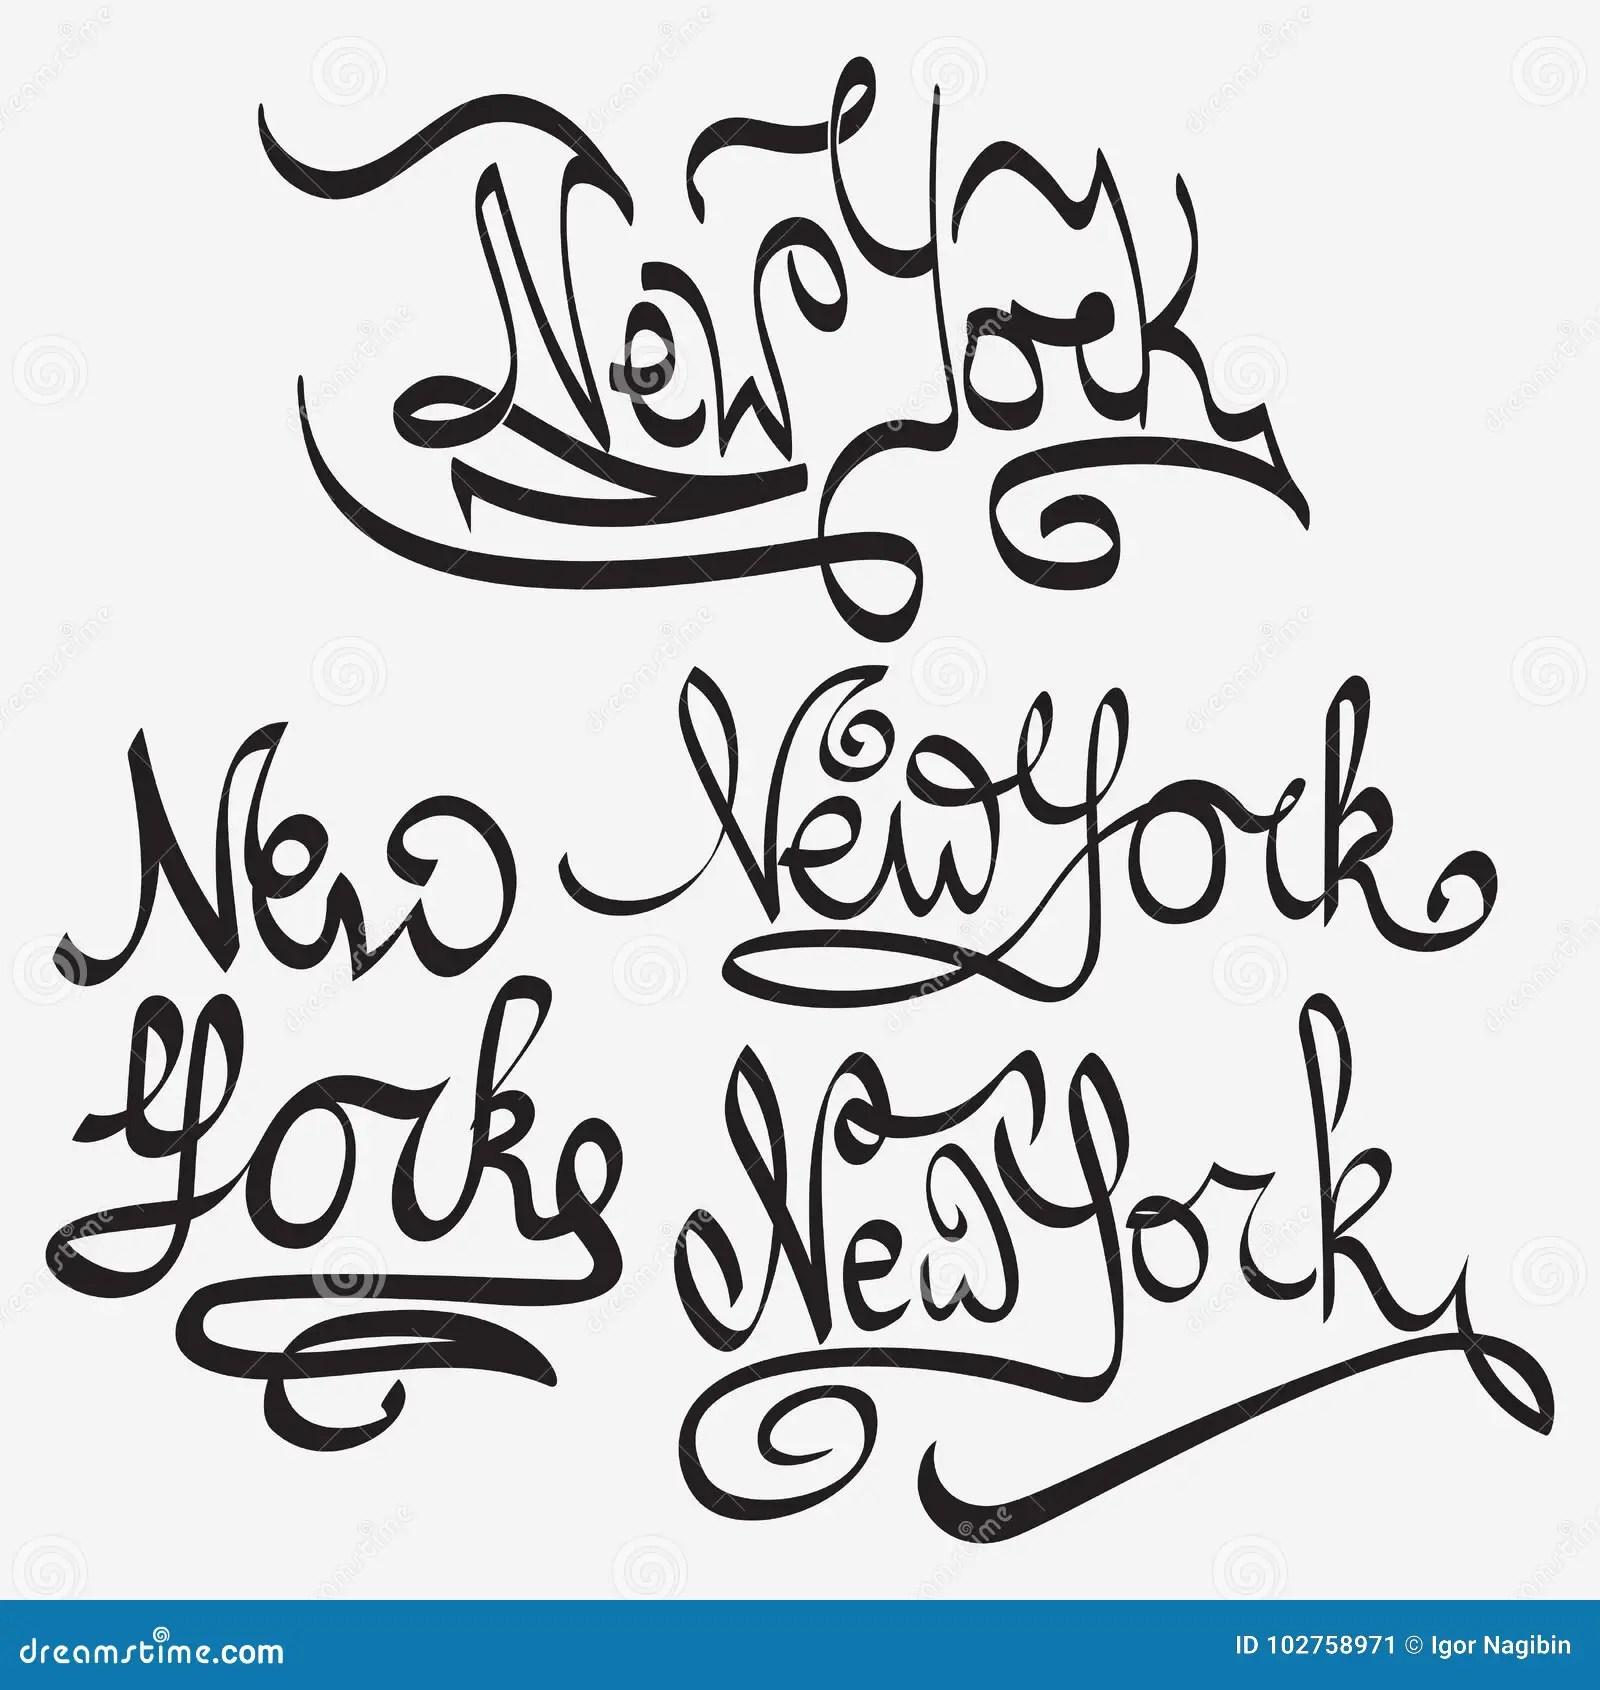 New York Typography Handmade Writing Set Stock